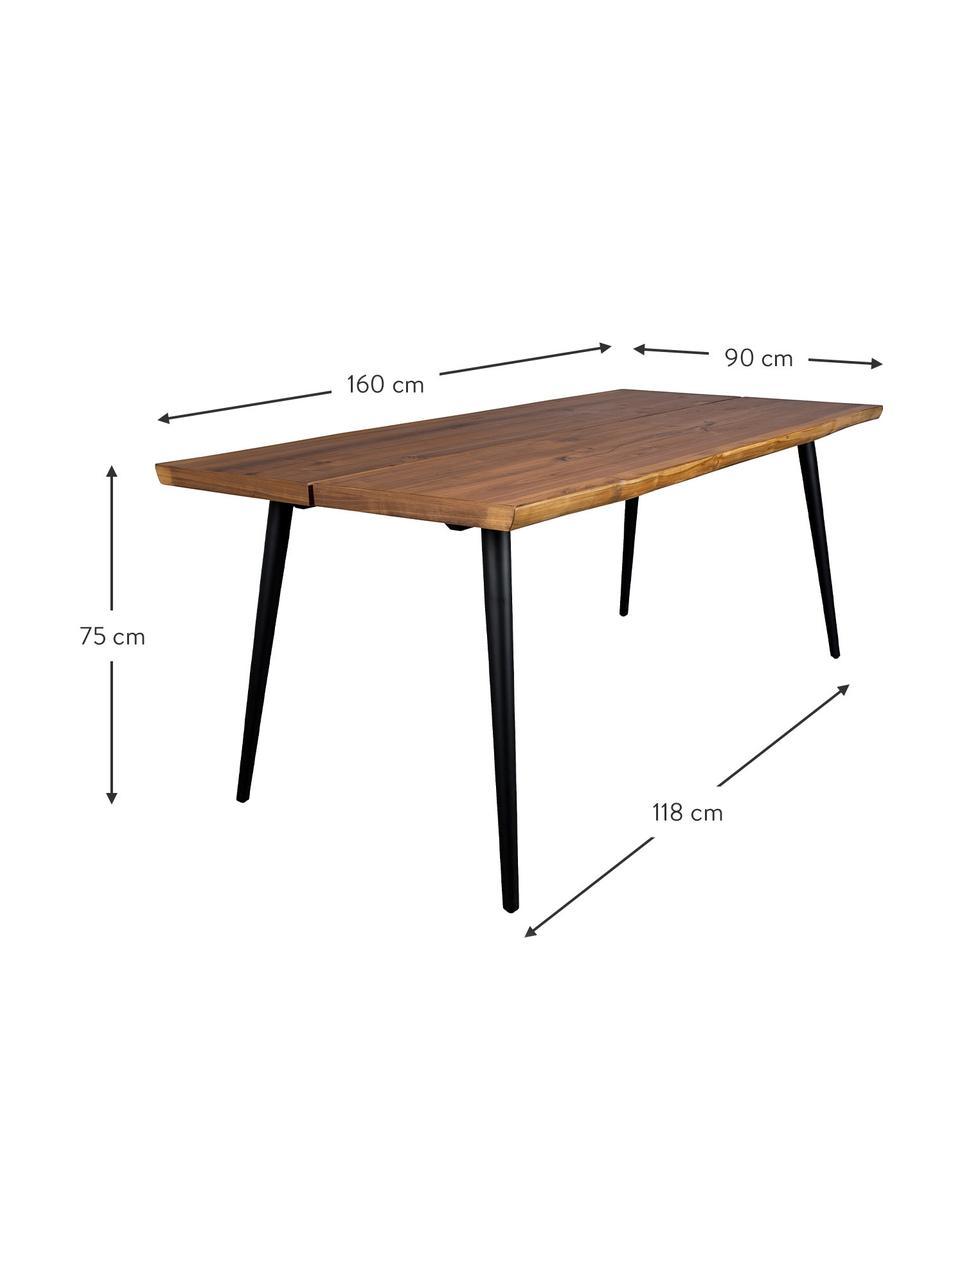 Esstisch Alagon mit Baumkanten-Design, Tischplatte: Mitteldichte Holzfaserpla, Beine: Stahl, pulverbeschichtet, Walnussholzfurnier, B 160 x T 90 cm